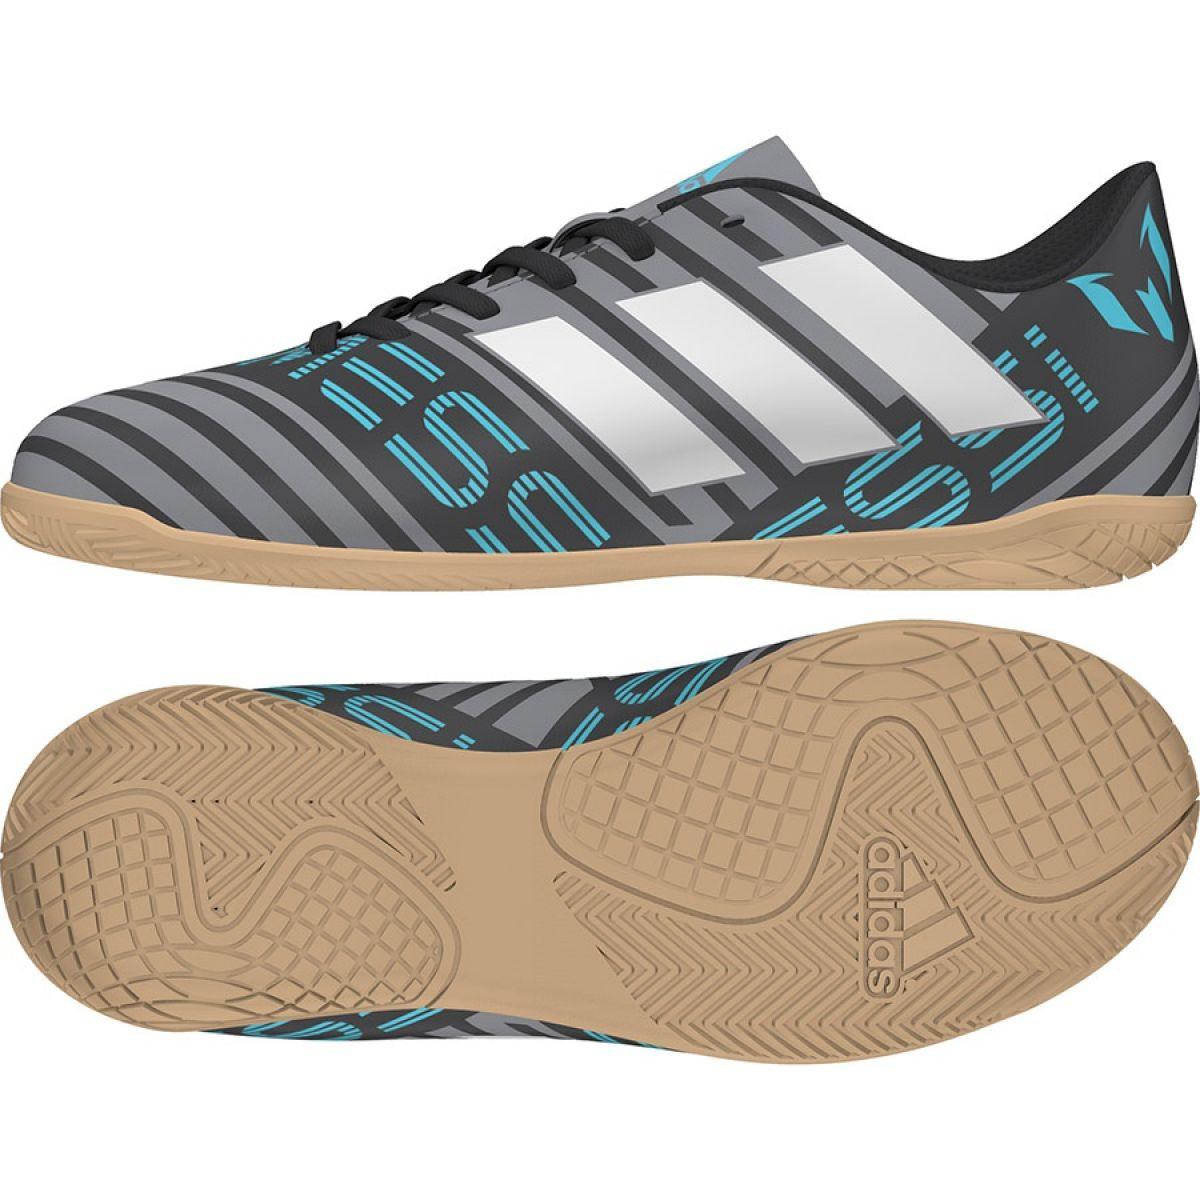 bliżej na 100% jakości 100% autentyczności Buty adidas Nemeziz Messi Tango In Junior CP9225 szary/srebrny,  wielokolorowy wielokolorowe